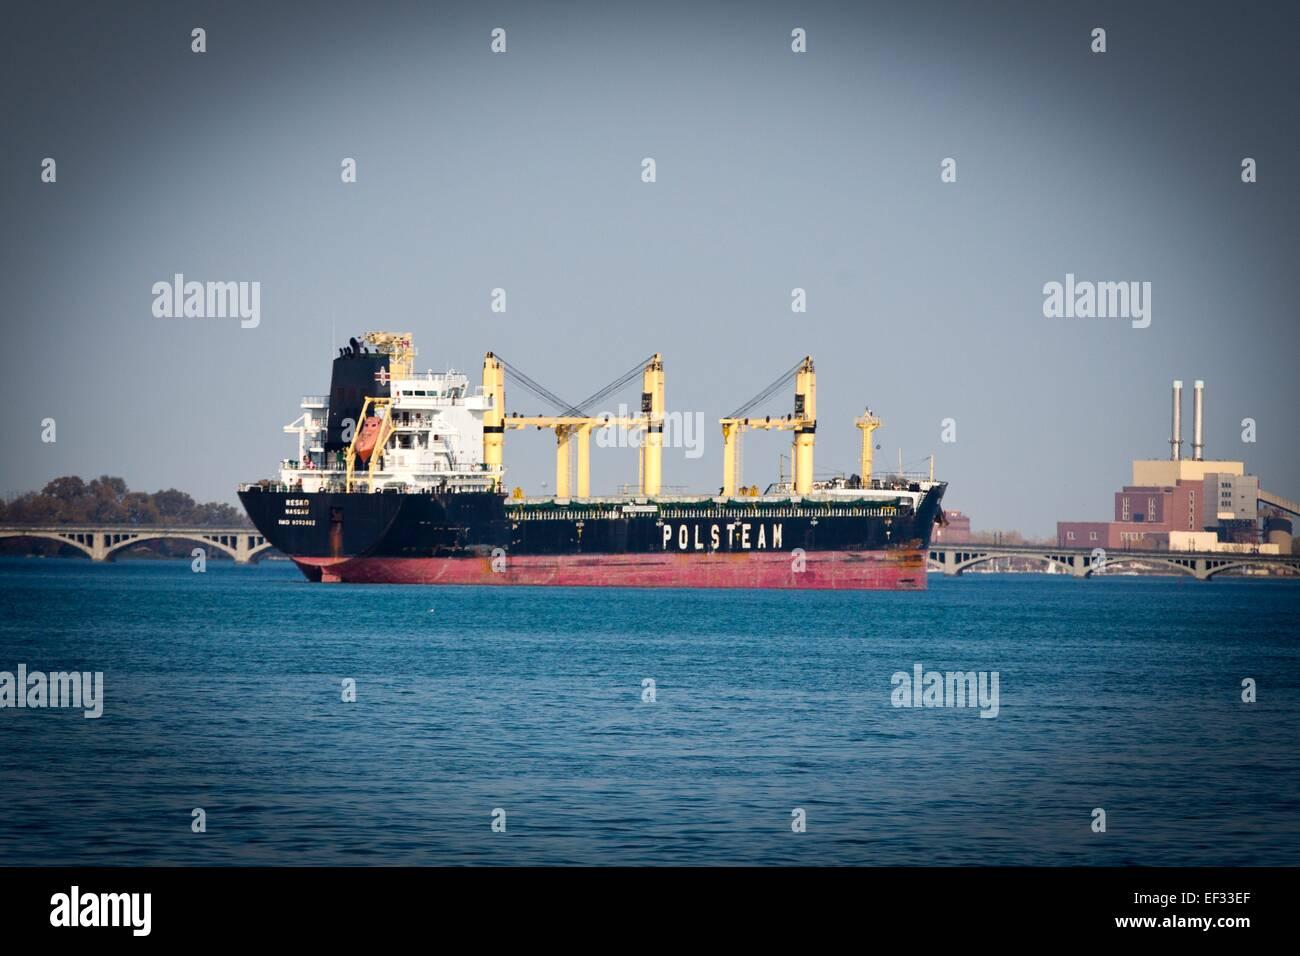 190m lenght bulkcarrier Resko of Polsteam, Detroit River, Detroit, MI, USA, Oct. 25, 2014. - Stock Image